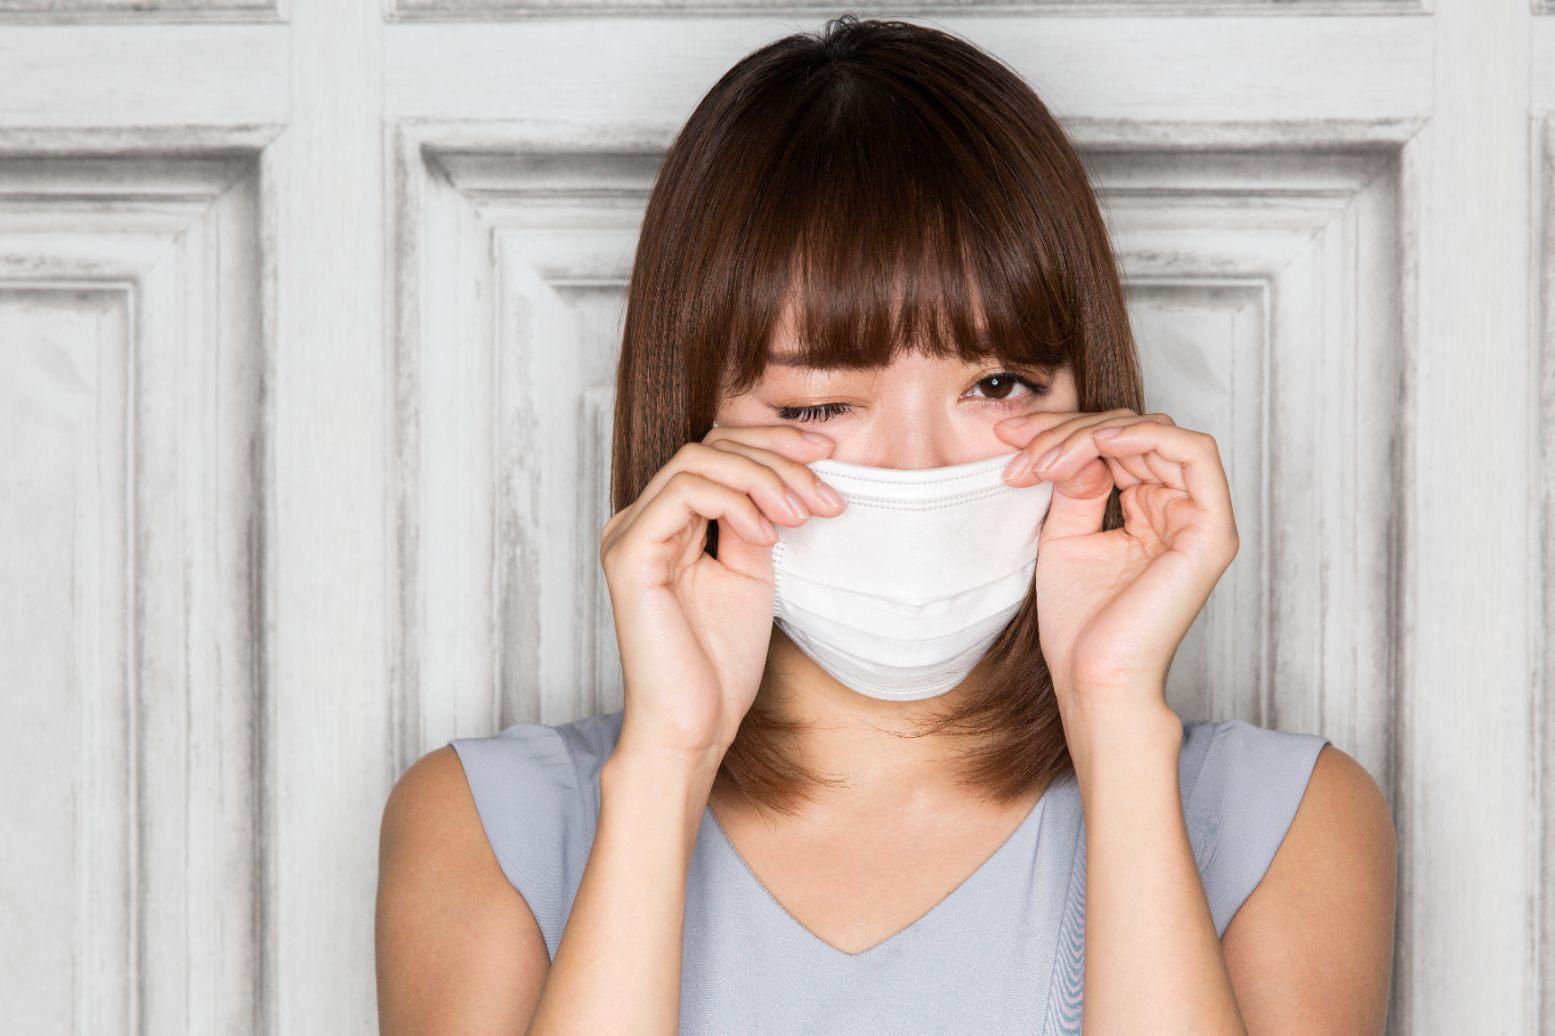 Woman wearing a mask closing an eye